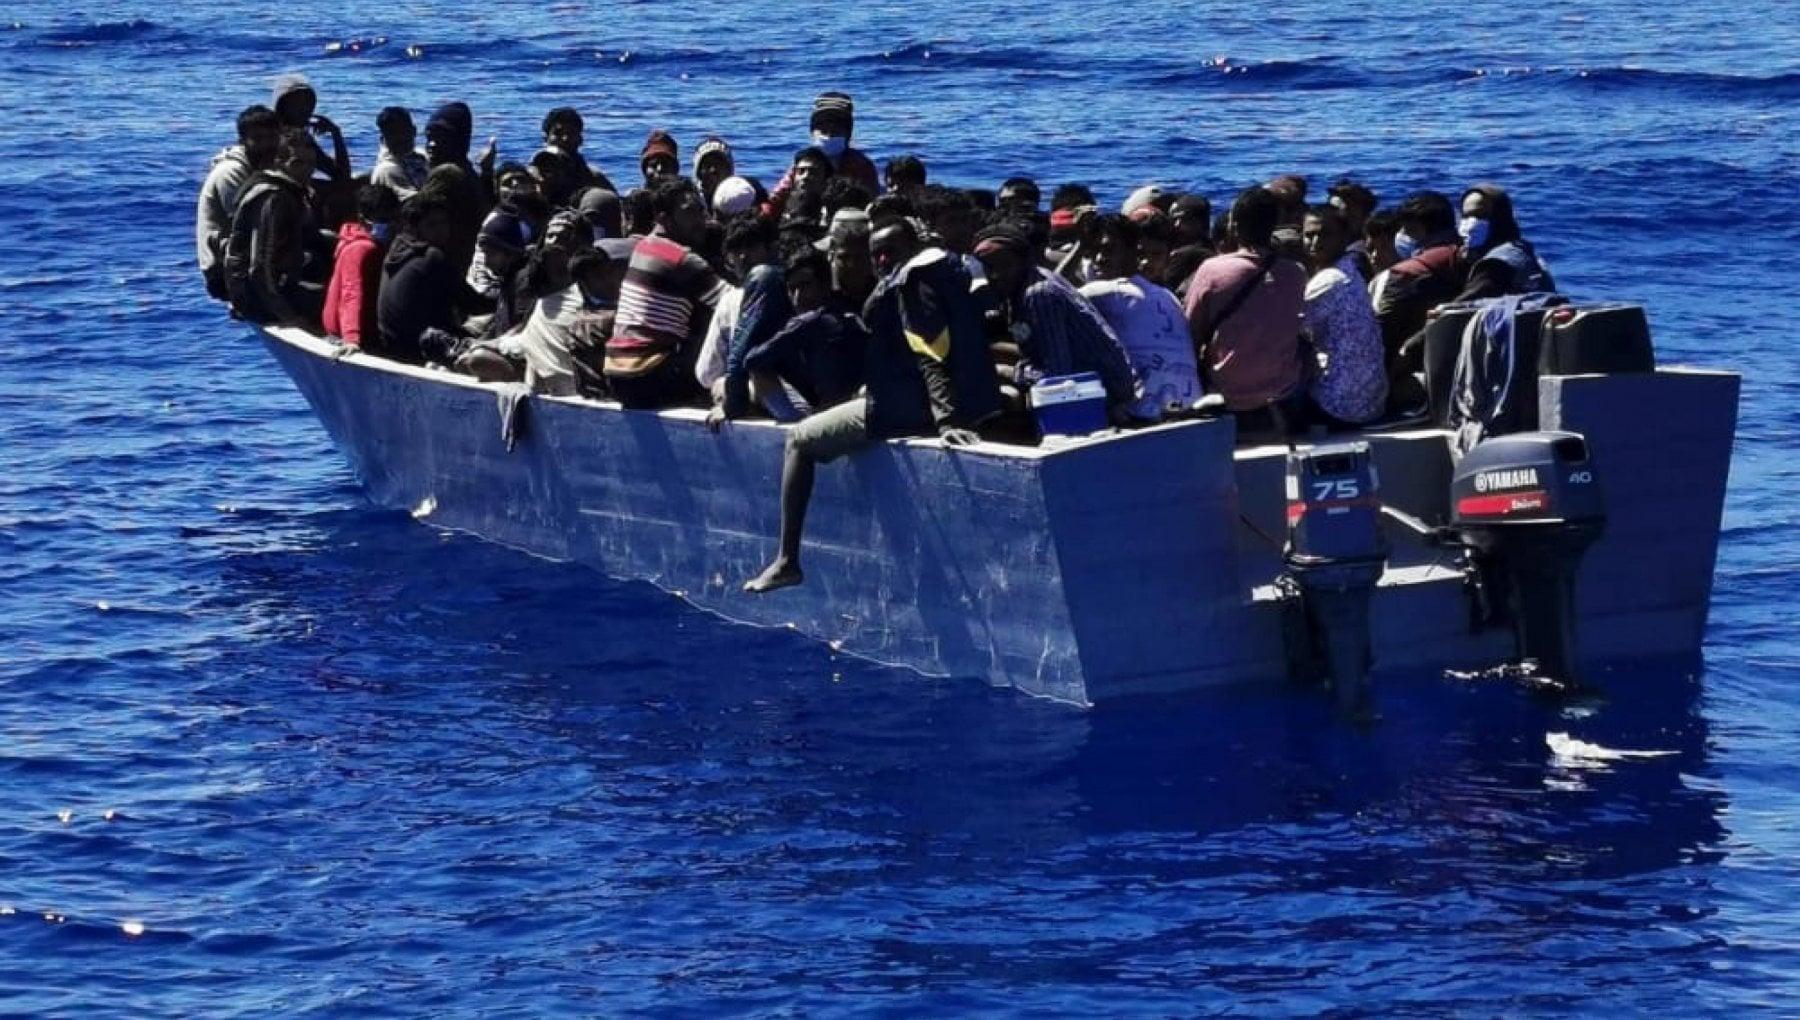 Covid ou pas, l'invasion de Lampedusa, et de l'Europe, continue…